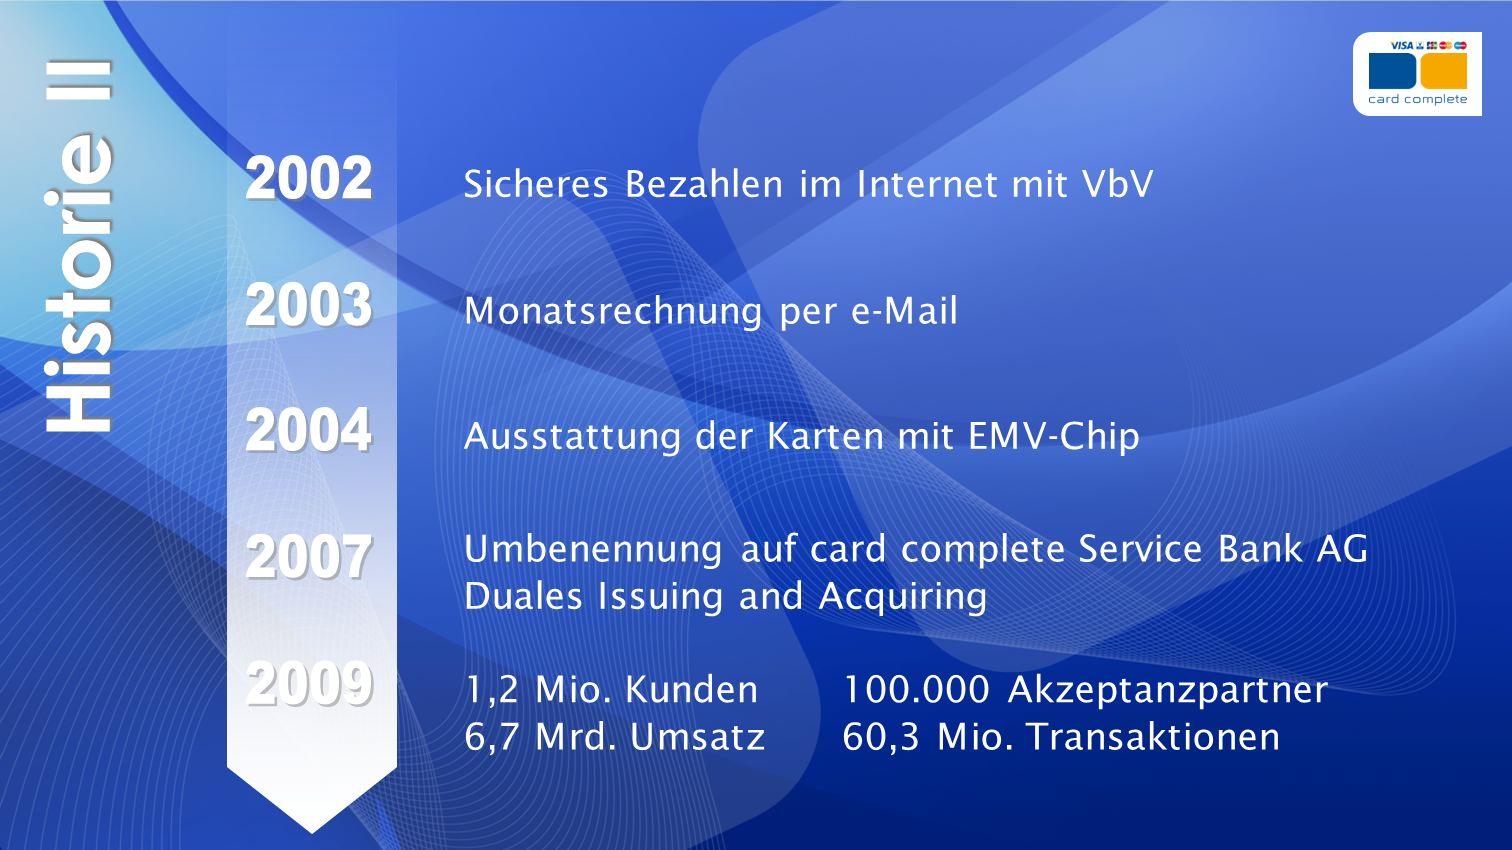 Historie II Sicheres Bezahlen im Internet mit VbV Monatsrechnung per e-Mail Ausstattung der Karten mit EMV-Chip Umbenennung auf card complete Service